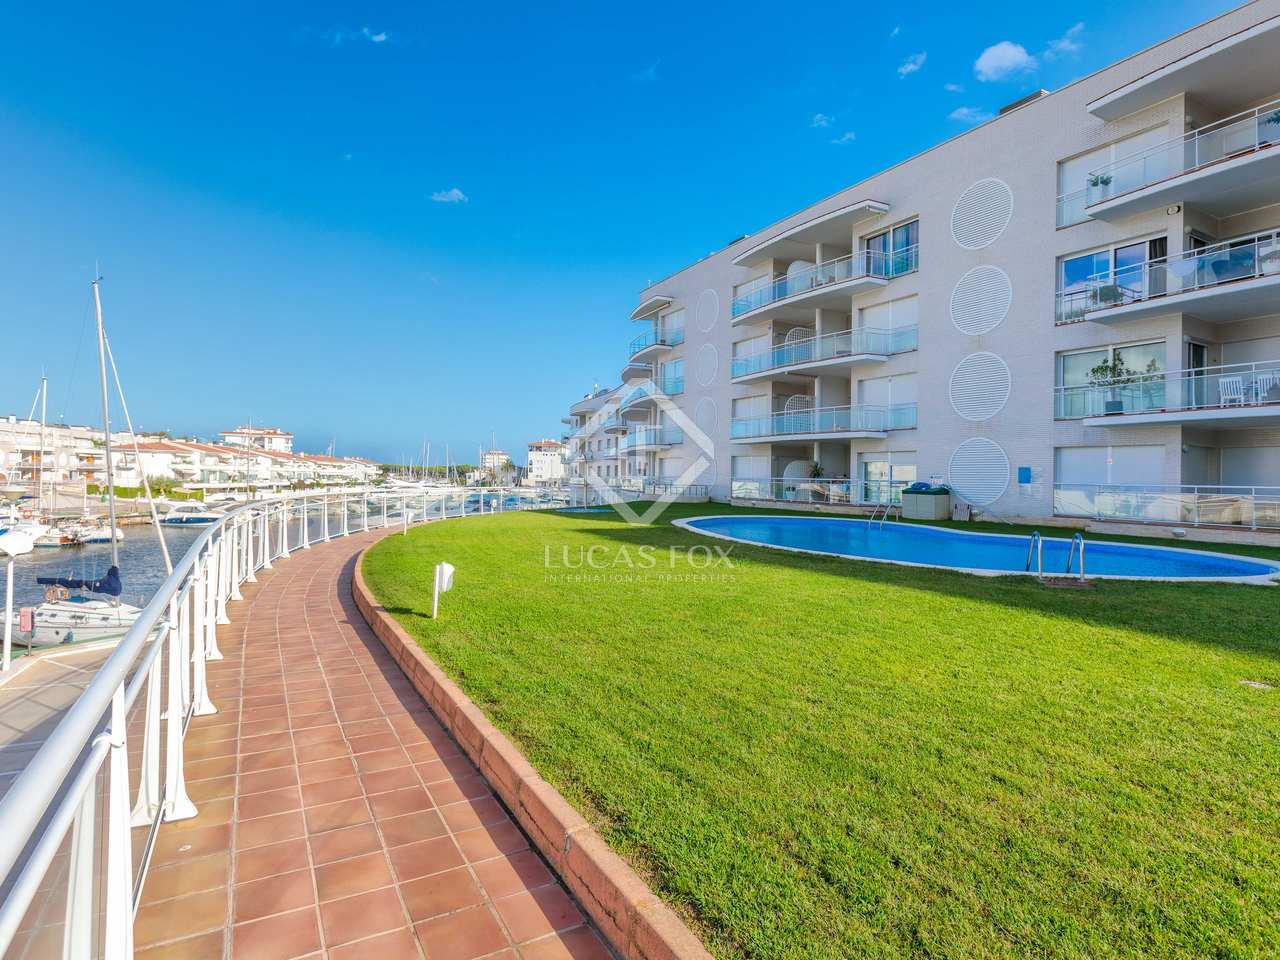 Piso de 110 m en venta en platja d 39 aro costa brava - Alquiler pisos platja d aro ...